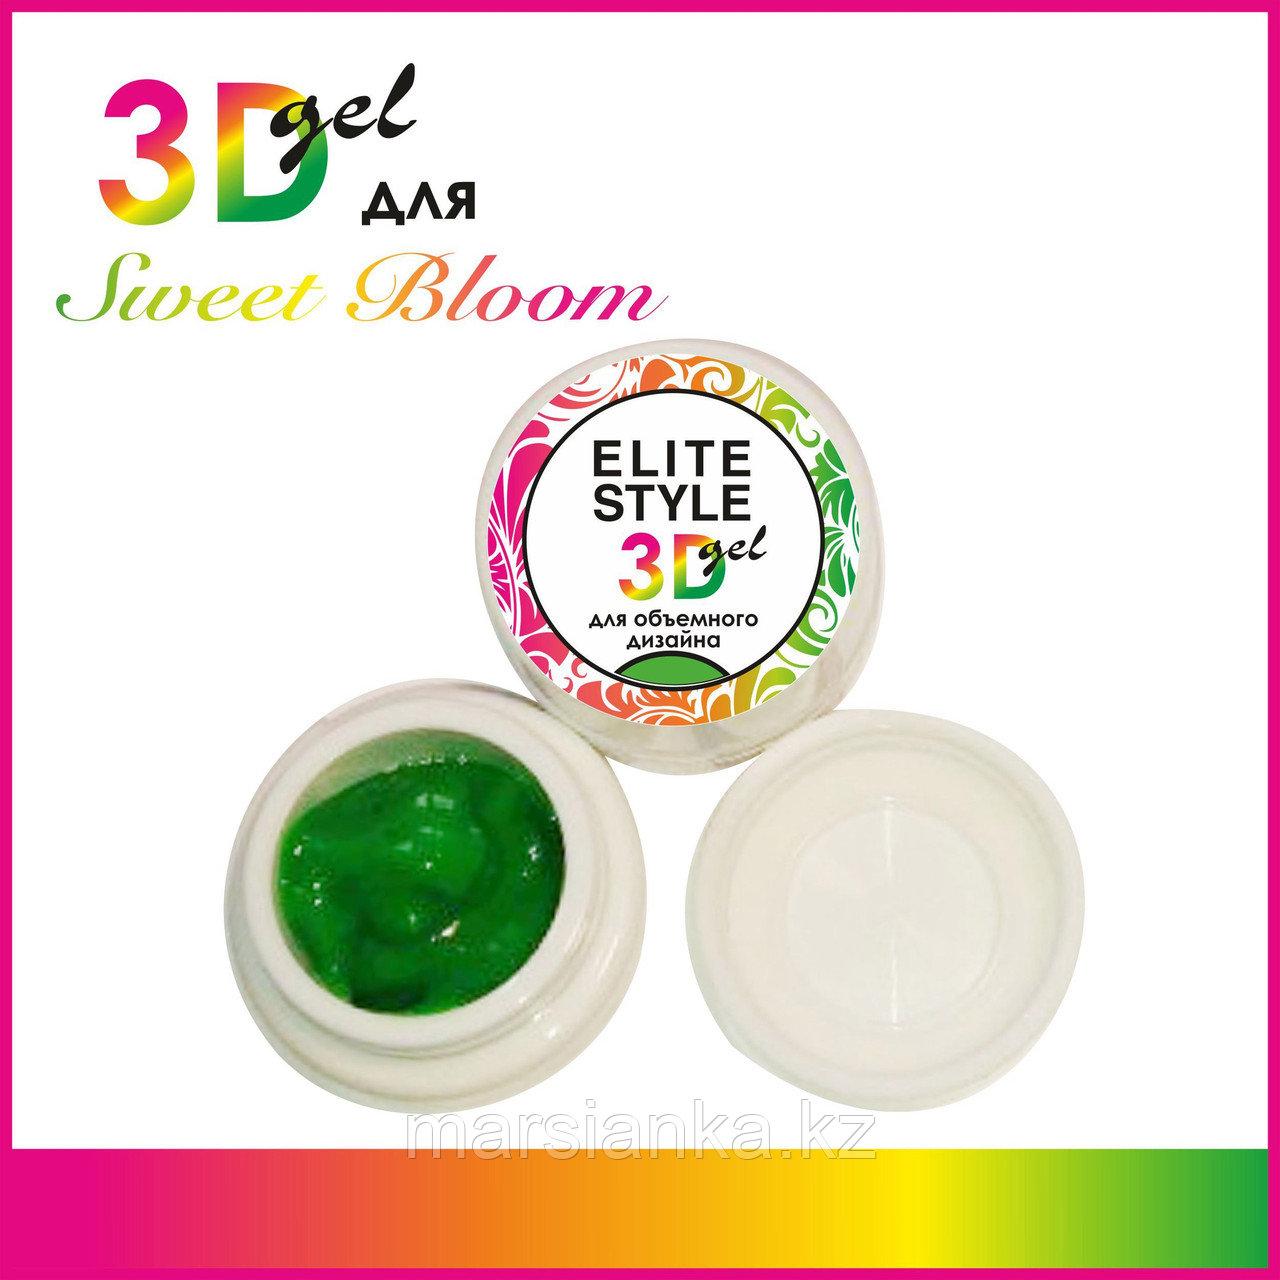 3D гель для объемного дизайна Elite Style, зеленый, 5мл